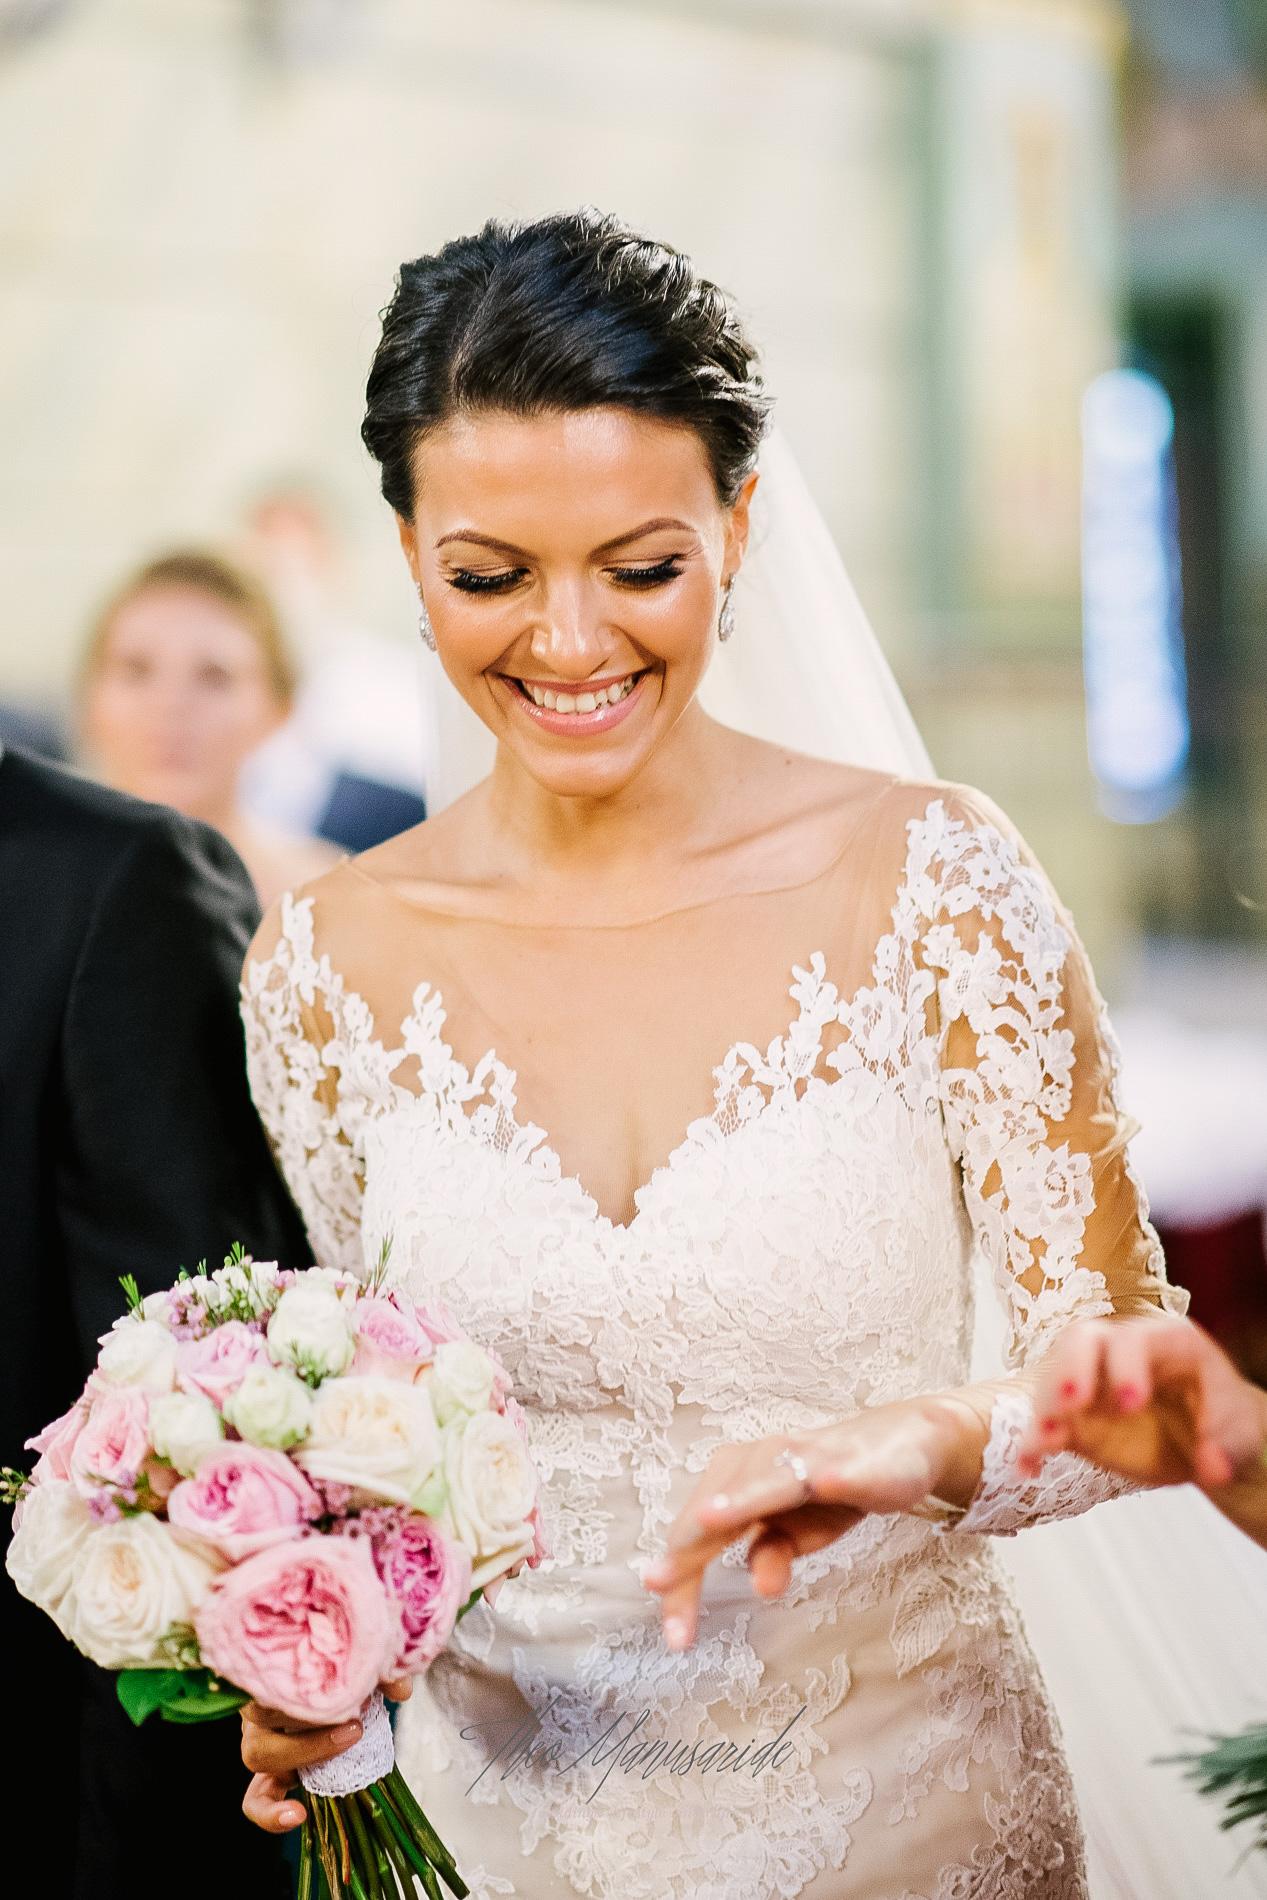 fotograf nunta biavati events-31-2